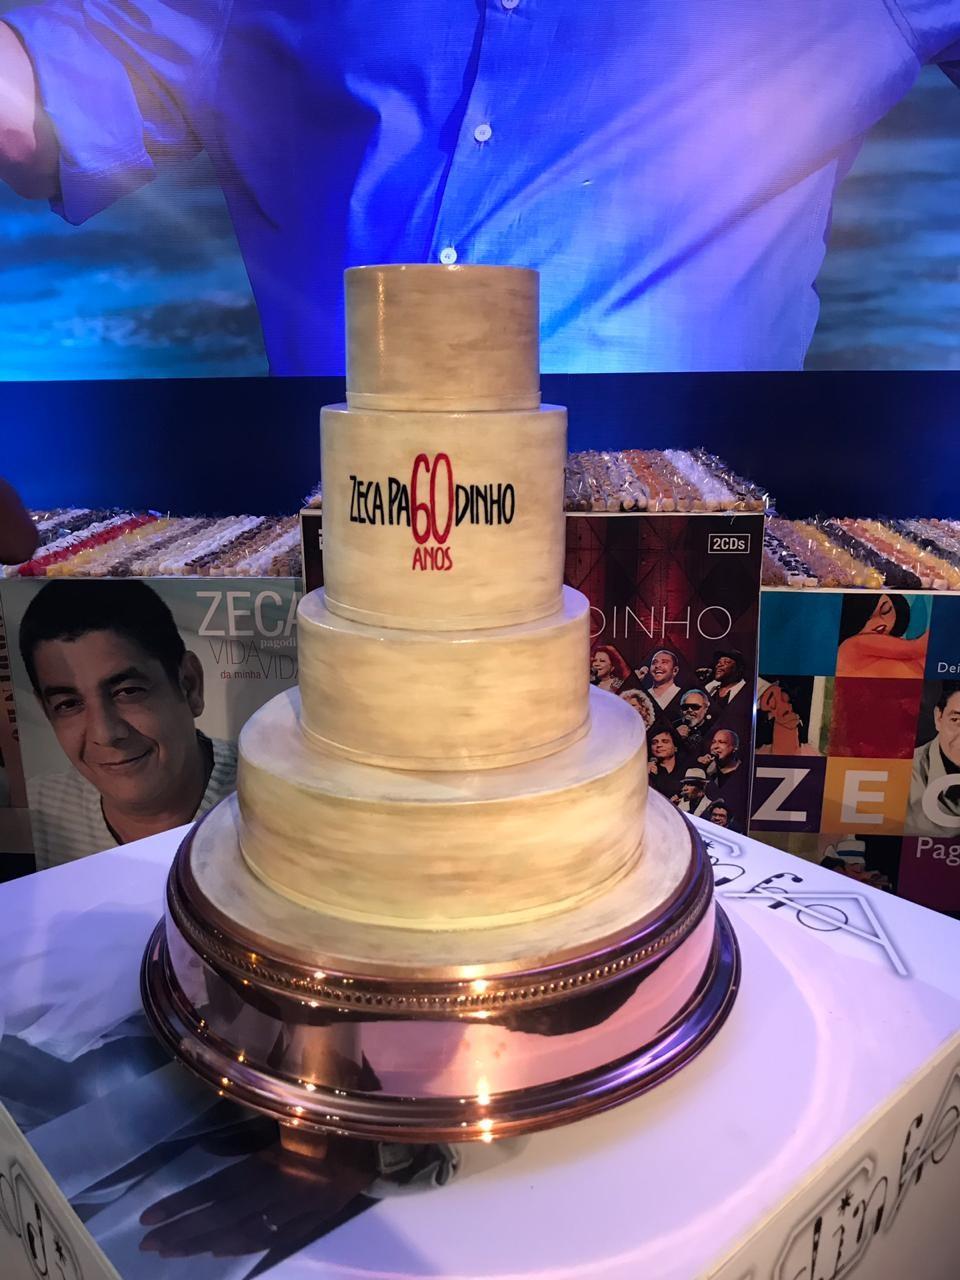 Famosos curtem festa de aniversário de Zeca Pagodinho (Foto: QUEM)